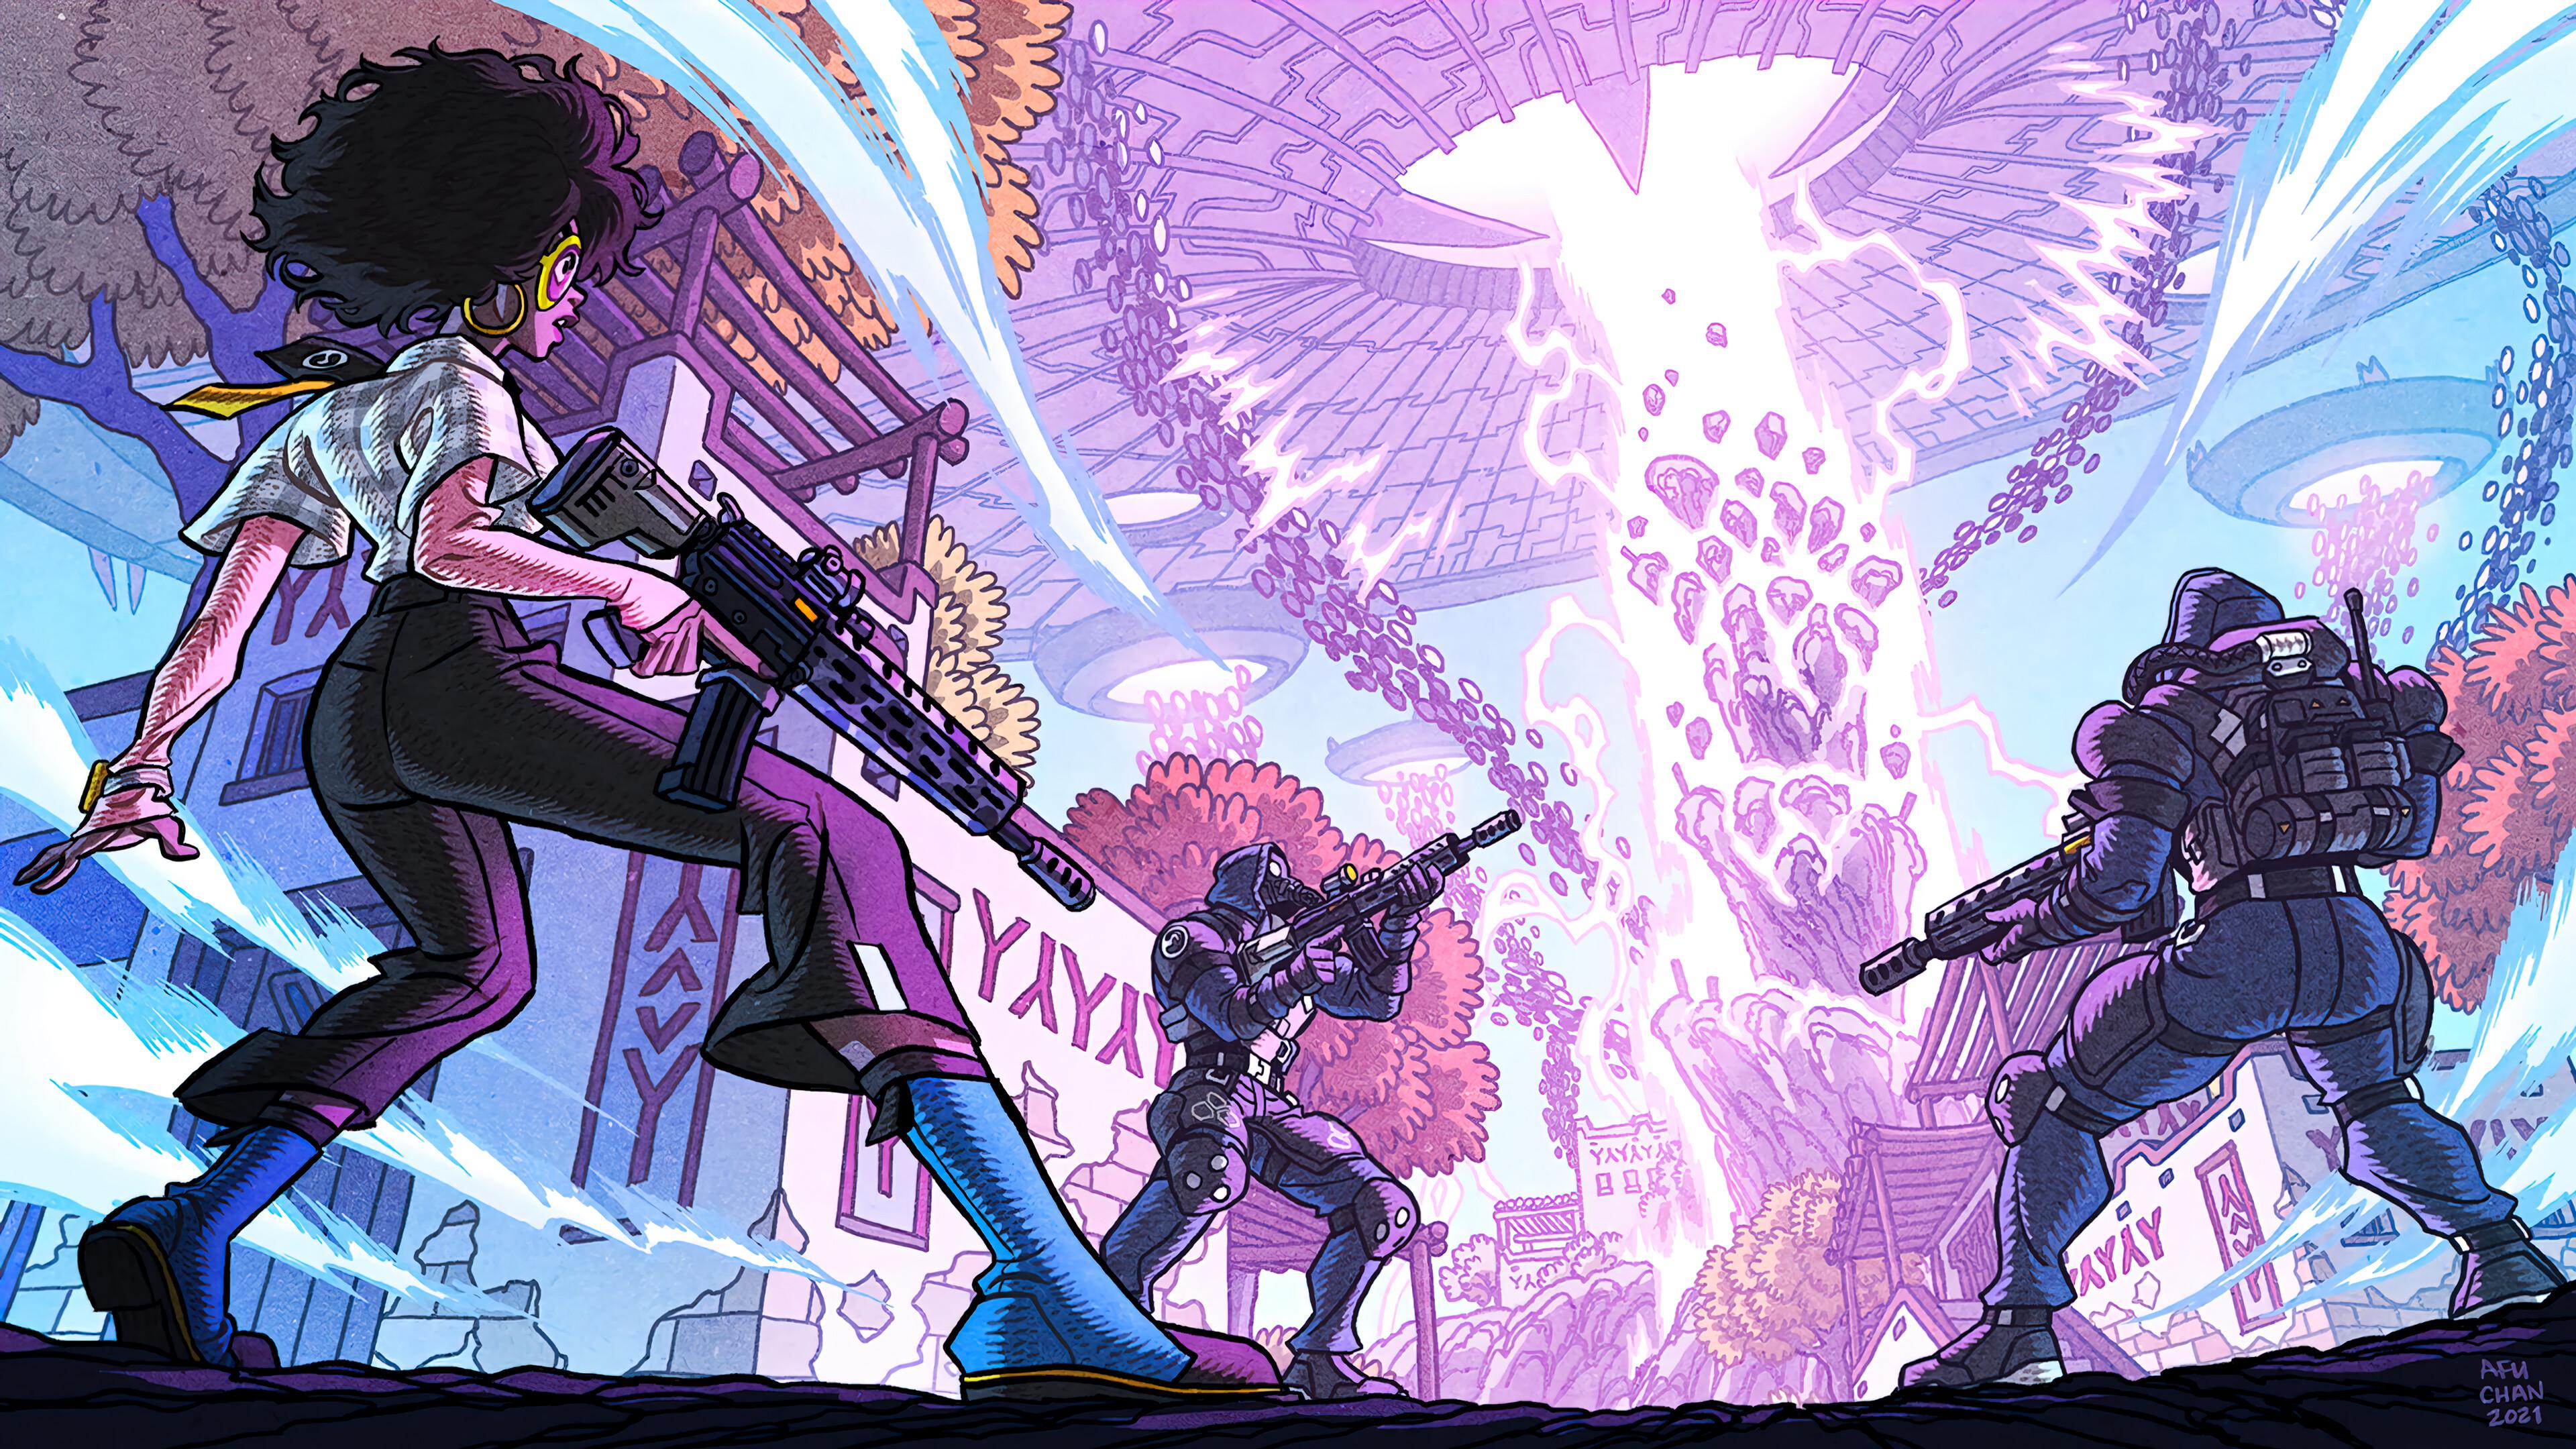 Wallpaper Fortnite Doctor Slone Spire Strike